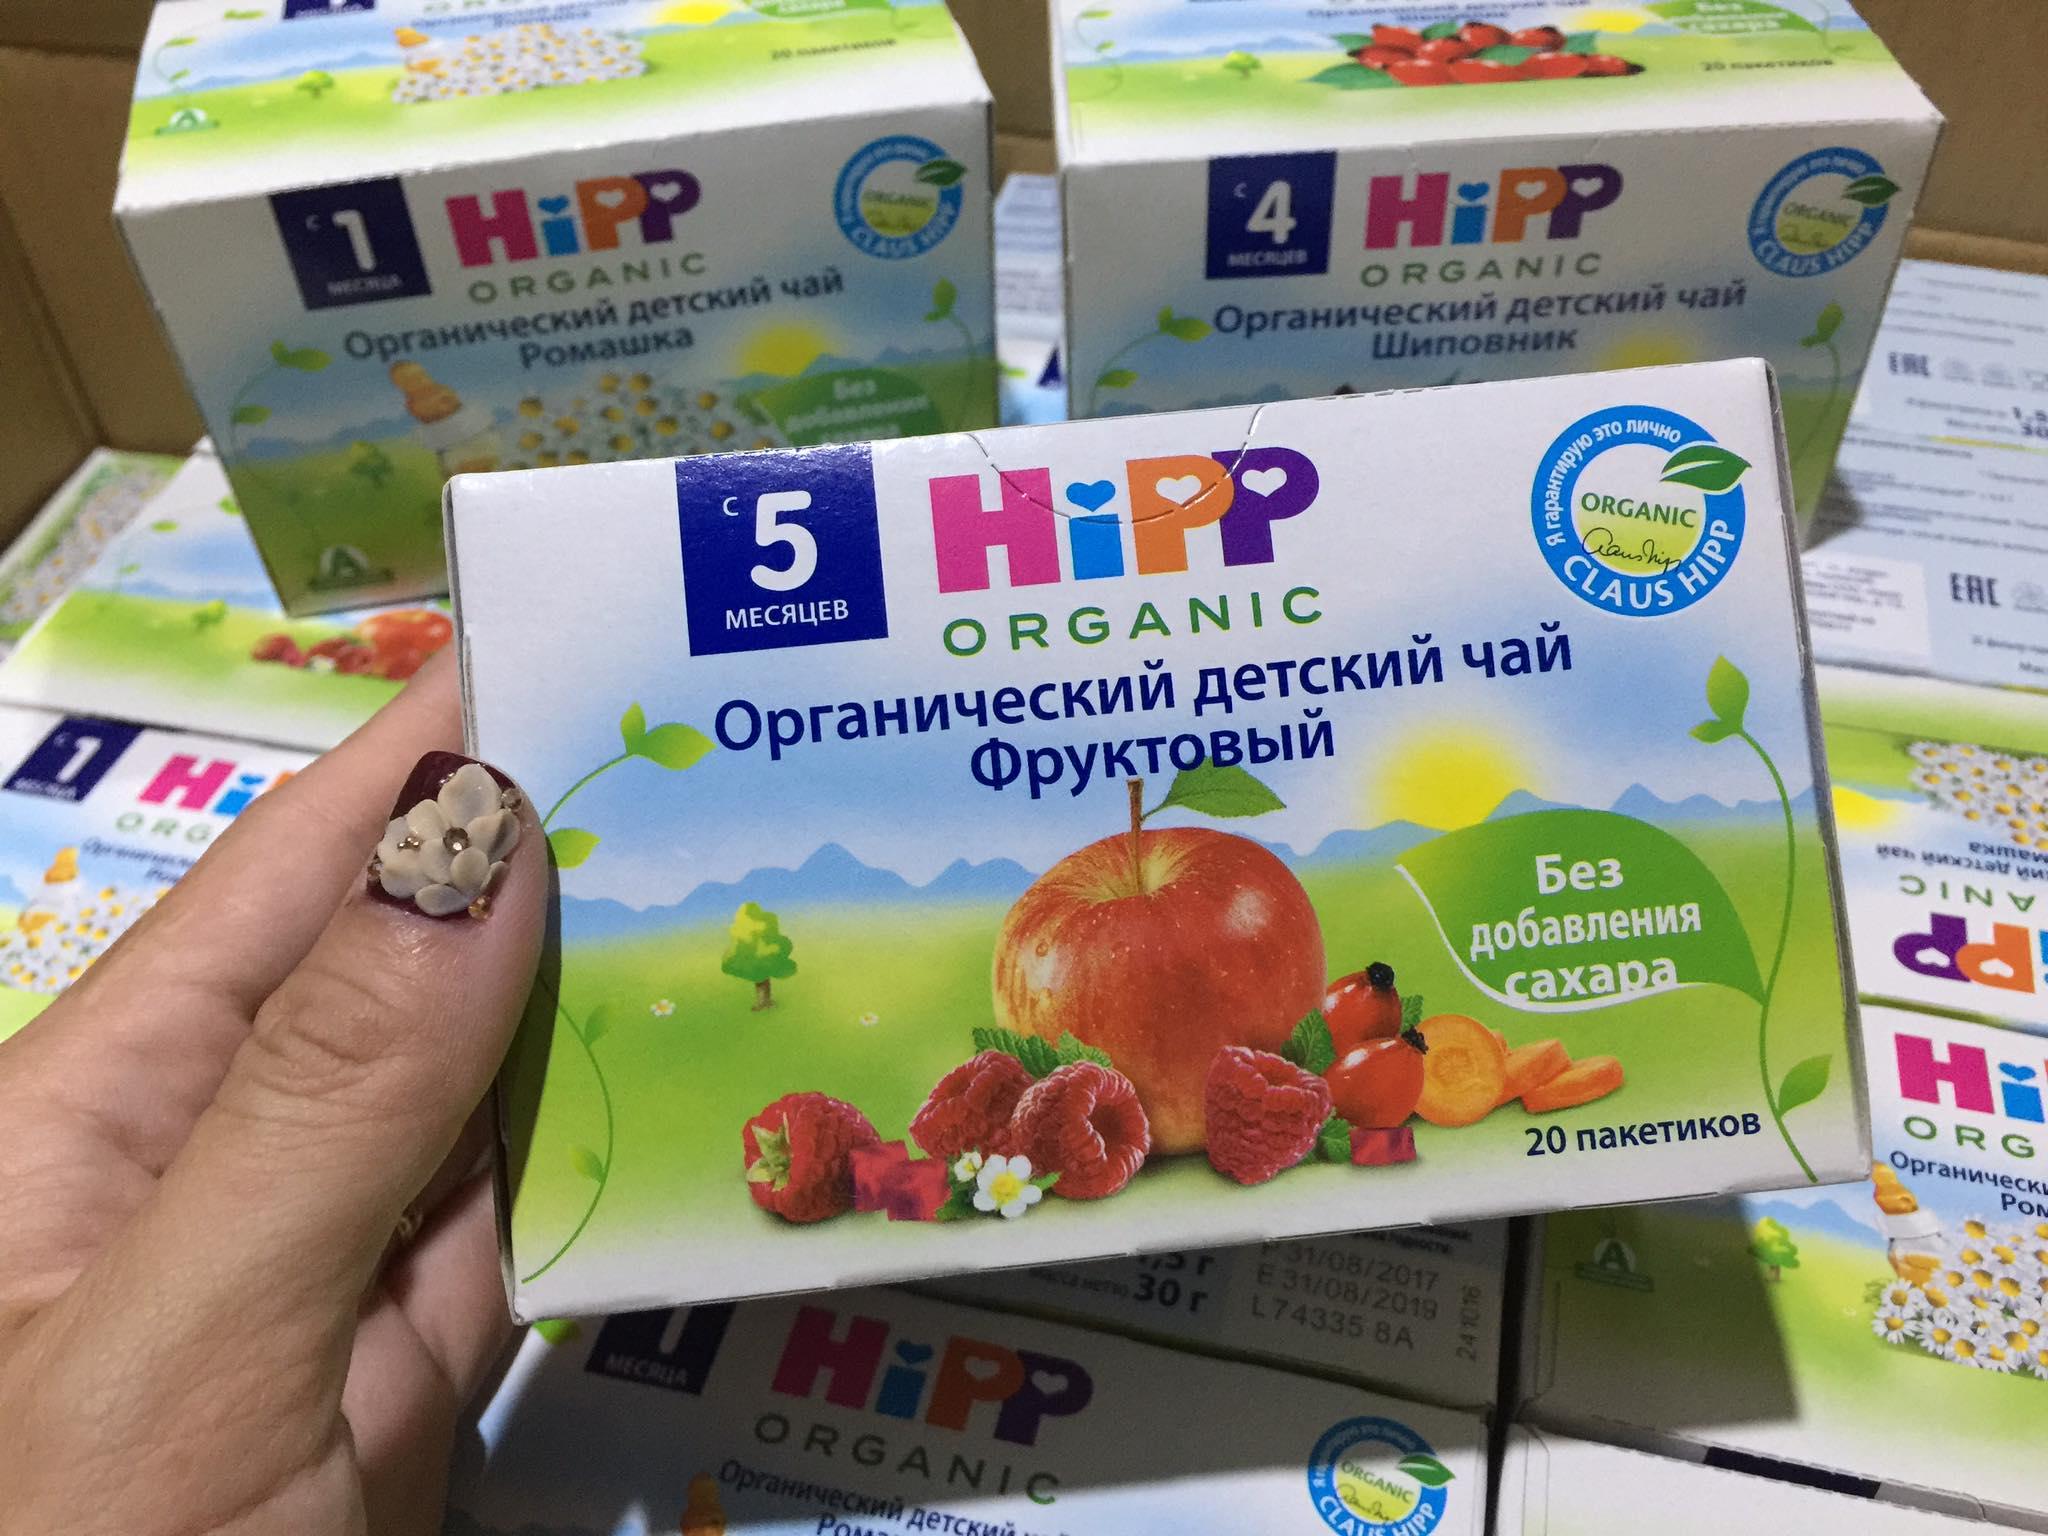 Trà hipp hộp túi nhúng organic 20 gói